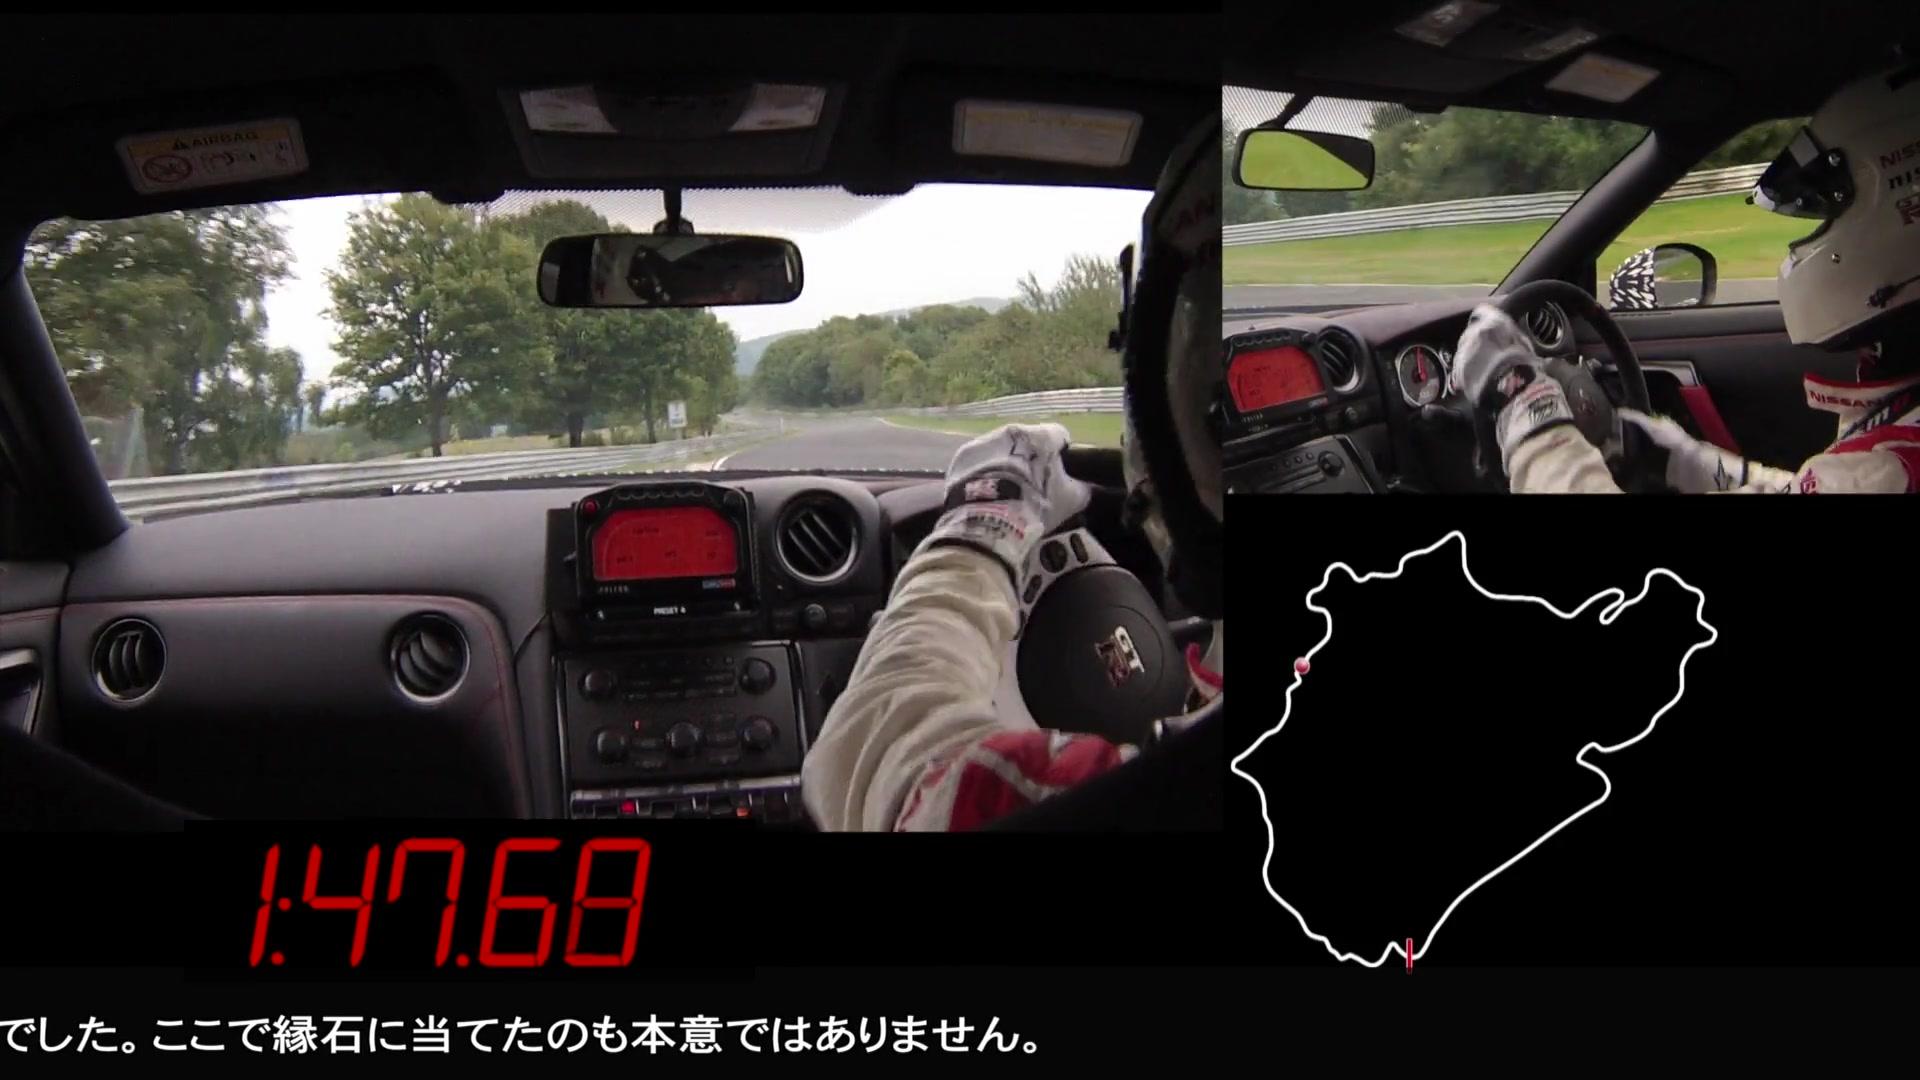 2014 Nissan GT-R NISMO – Nürburgring  Attack